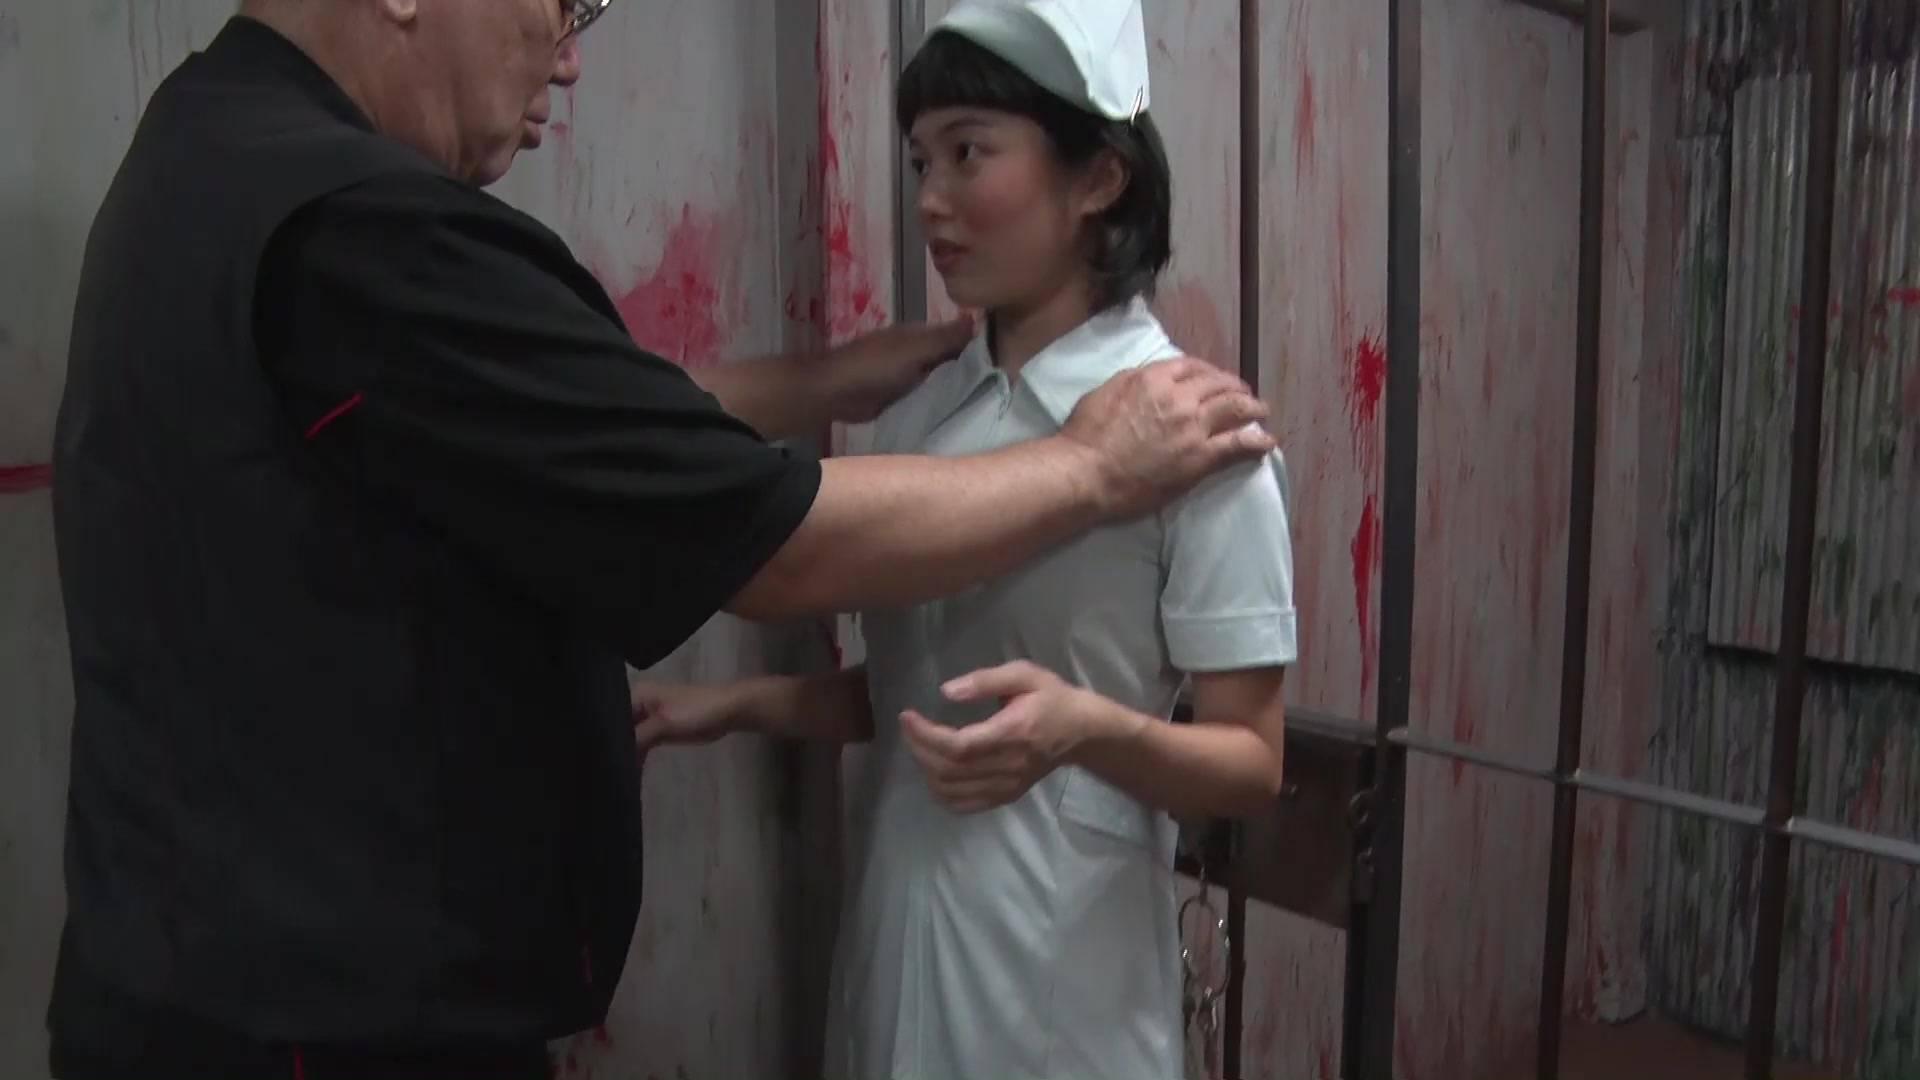 可愛い看護婦さんのお腹を殴ったら最後まで… 2/5 サンプル画像02